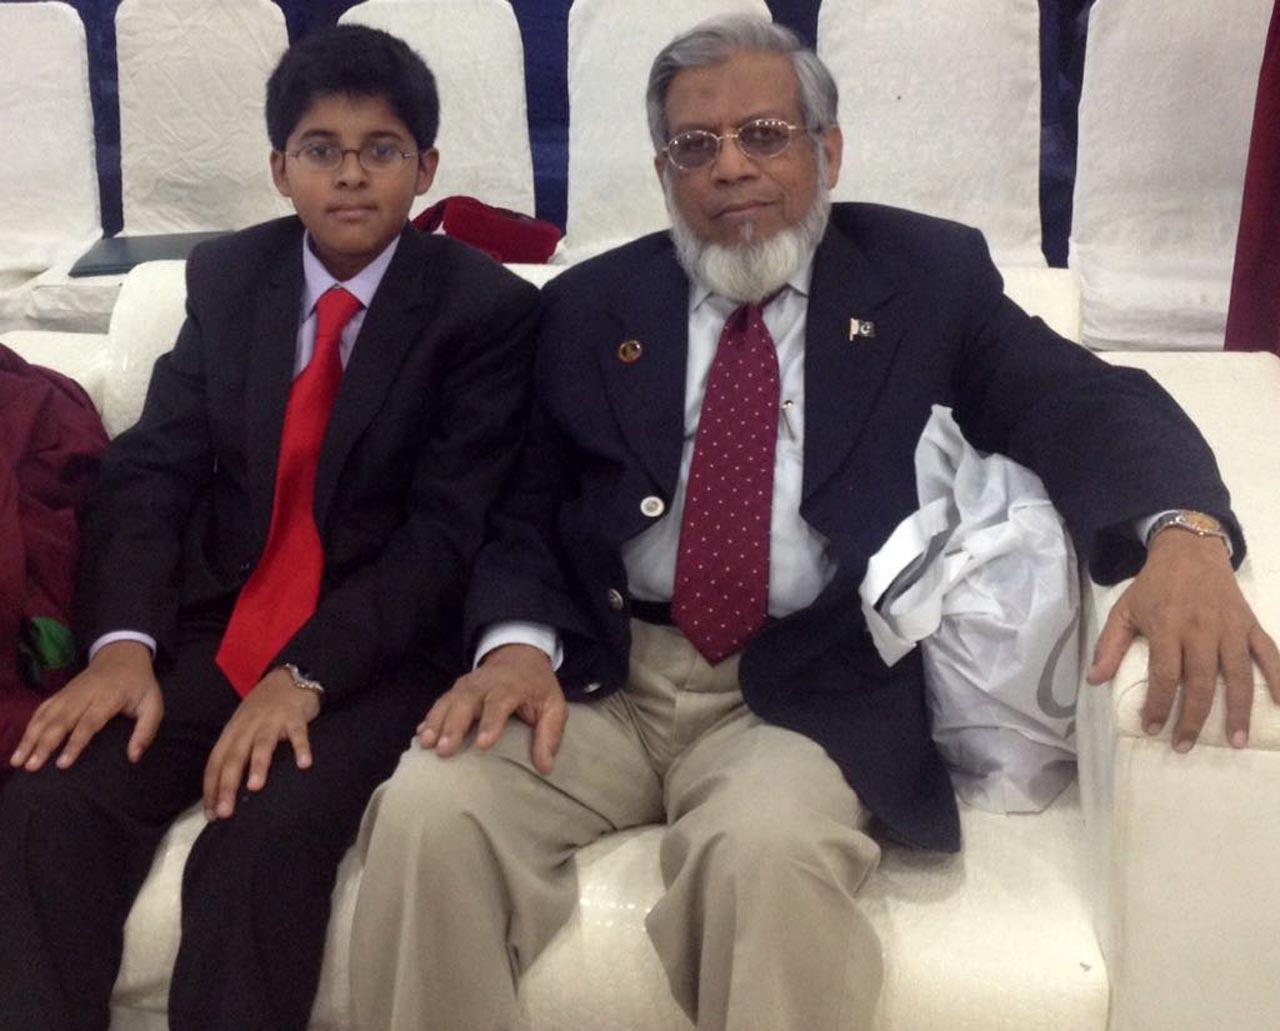 Habib and Iqbal Khan